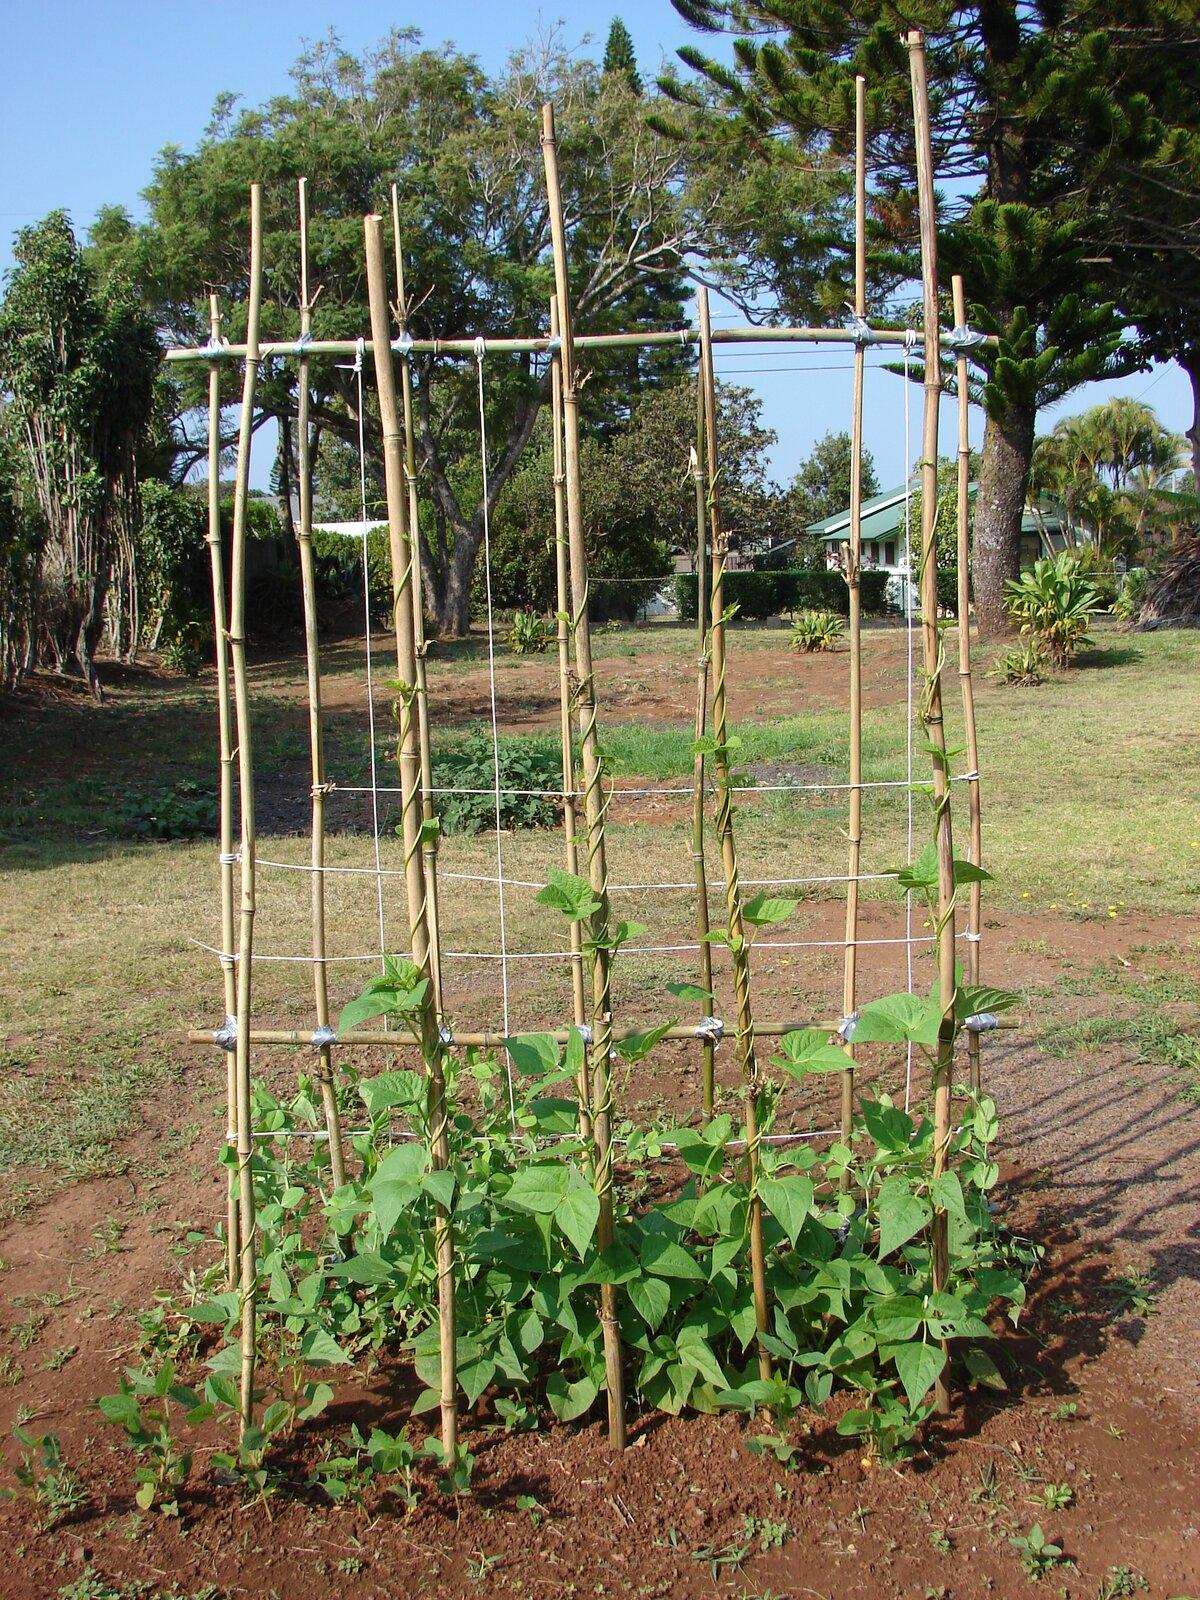 Fotografia przedstawia ogródek, wktórym posadzono fasolę. Przy niej znajdują się wysokie, powiązane ze sobą tyczki. Zielone pędy fasoli owijają się dookoła podpór.